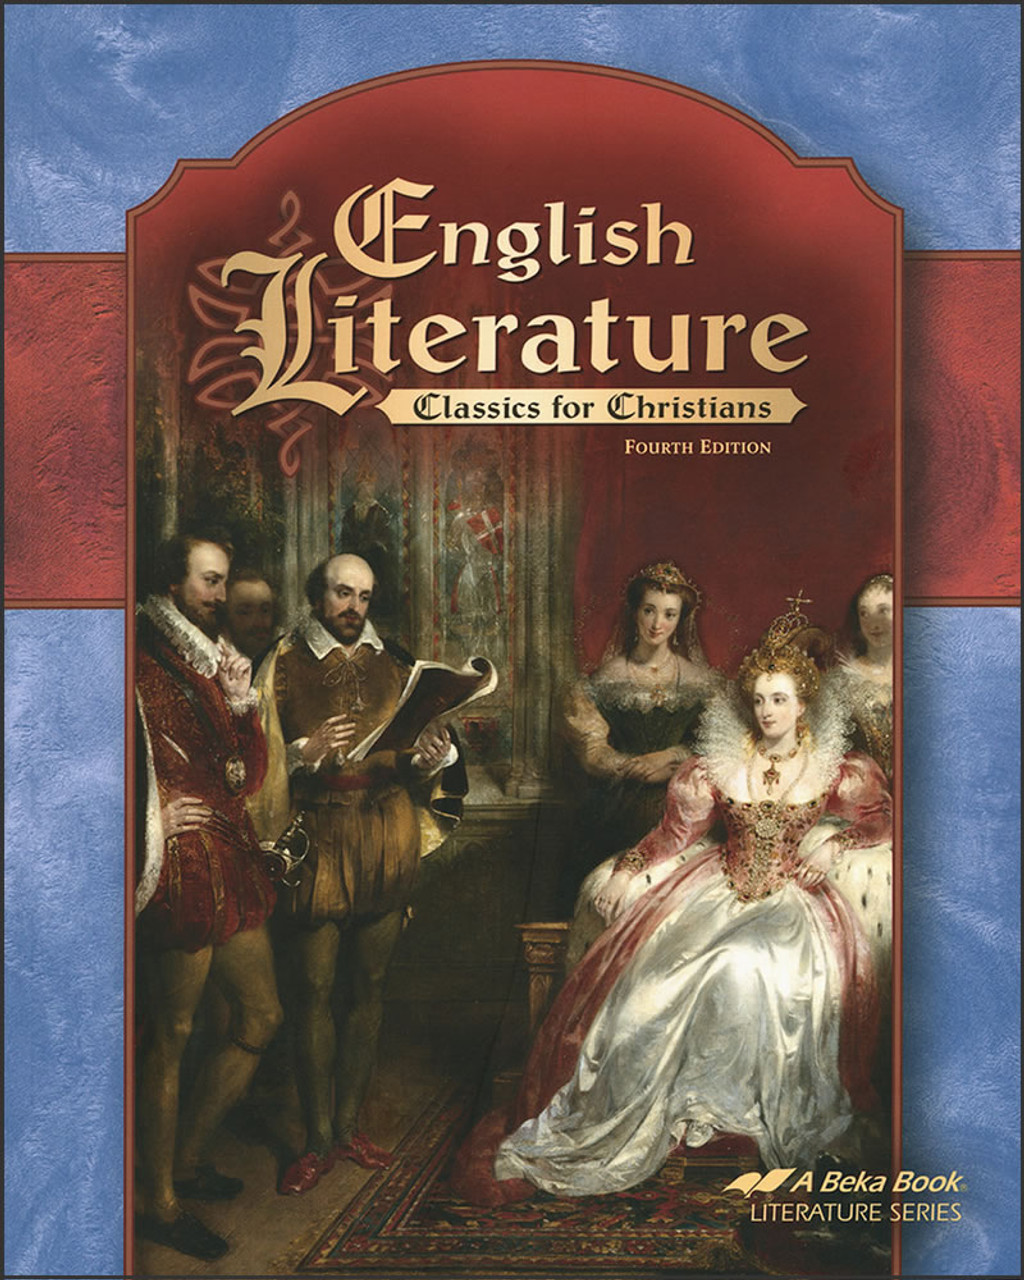 English Literature, 4th edition